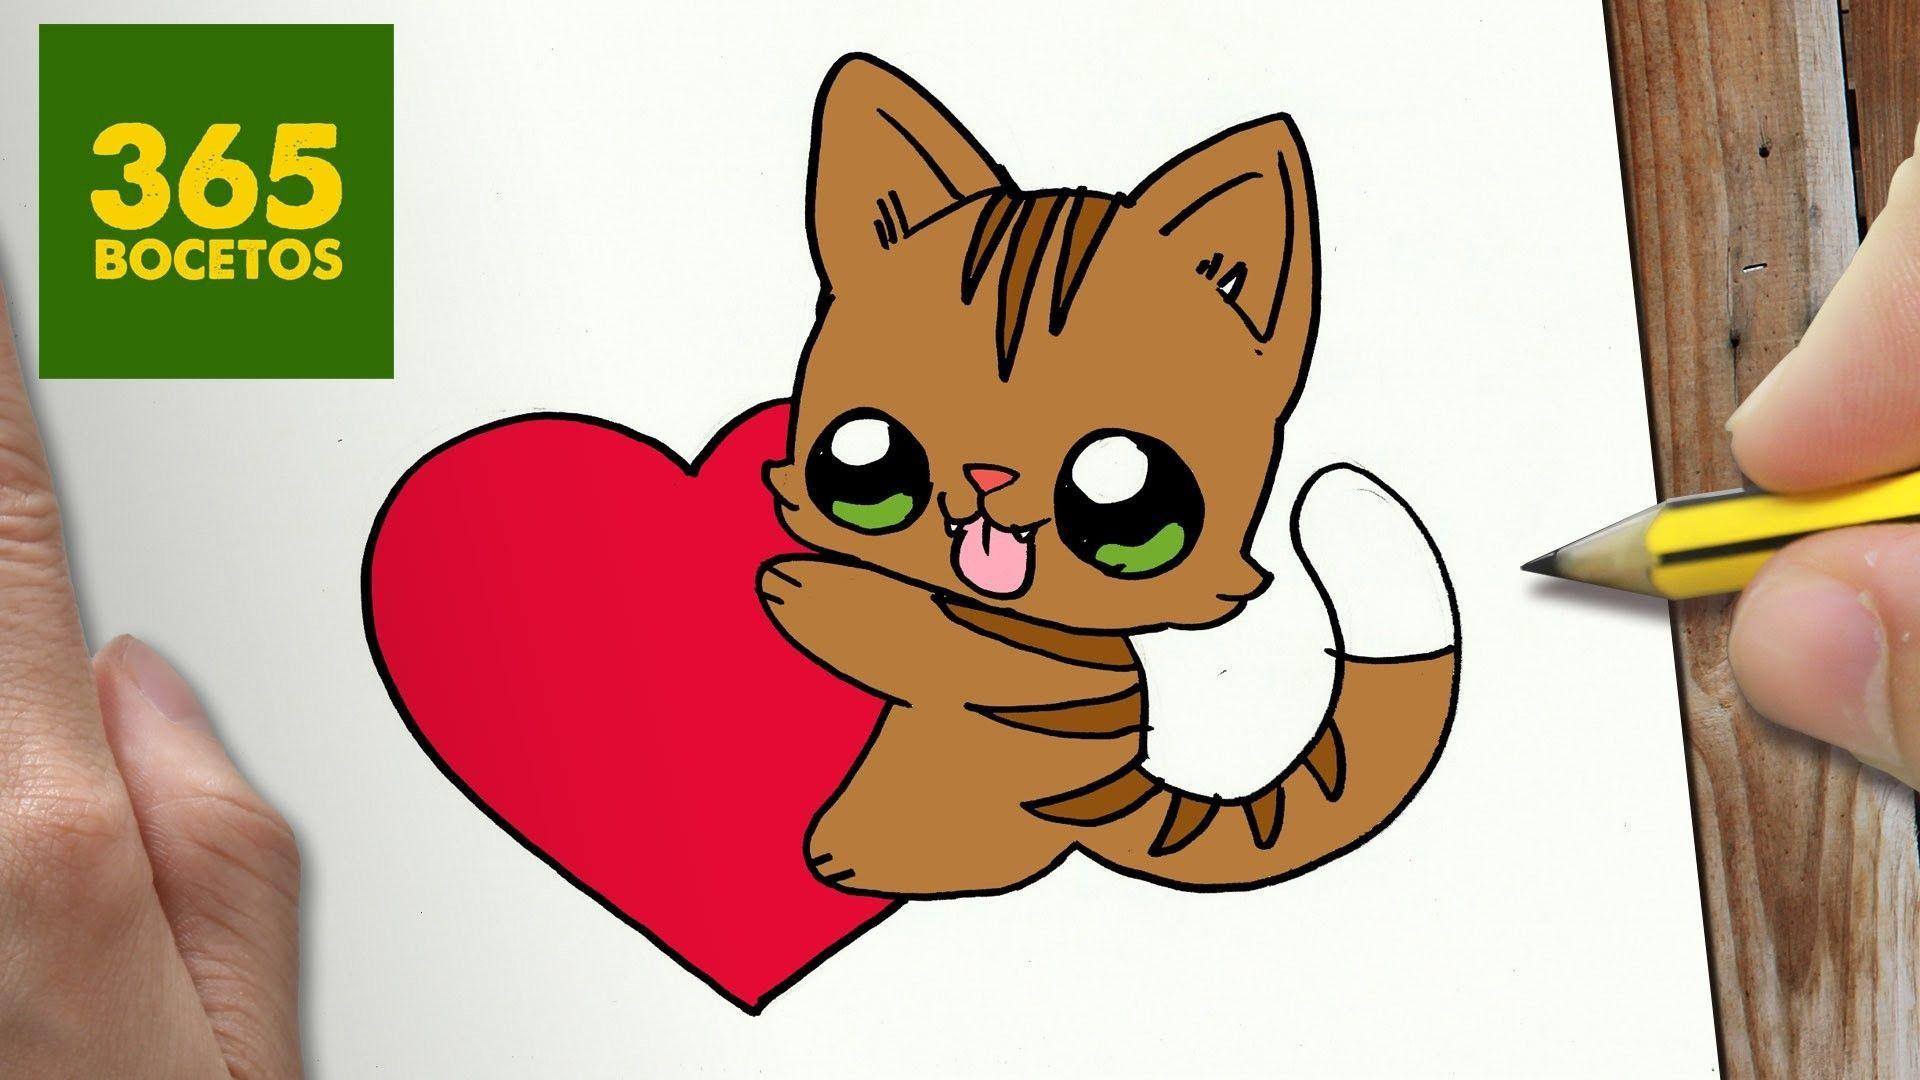 Como Dibujar Gato Y Corazon Kawaii Paso A Paso Dibujos Kawaii Faciles How To Draw A Cat Dibujos Kawaii Dibujos Kawaii Faciles Como Dibujar Un Gato